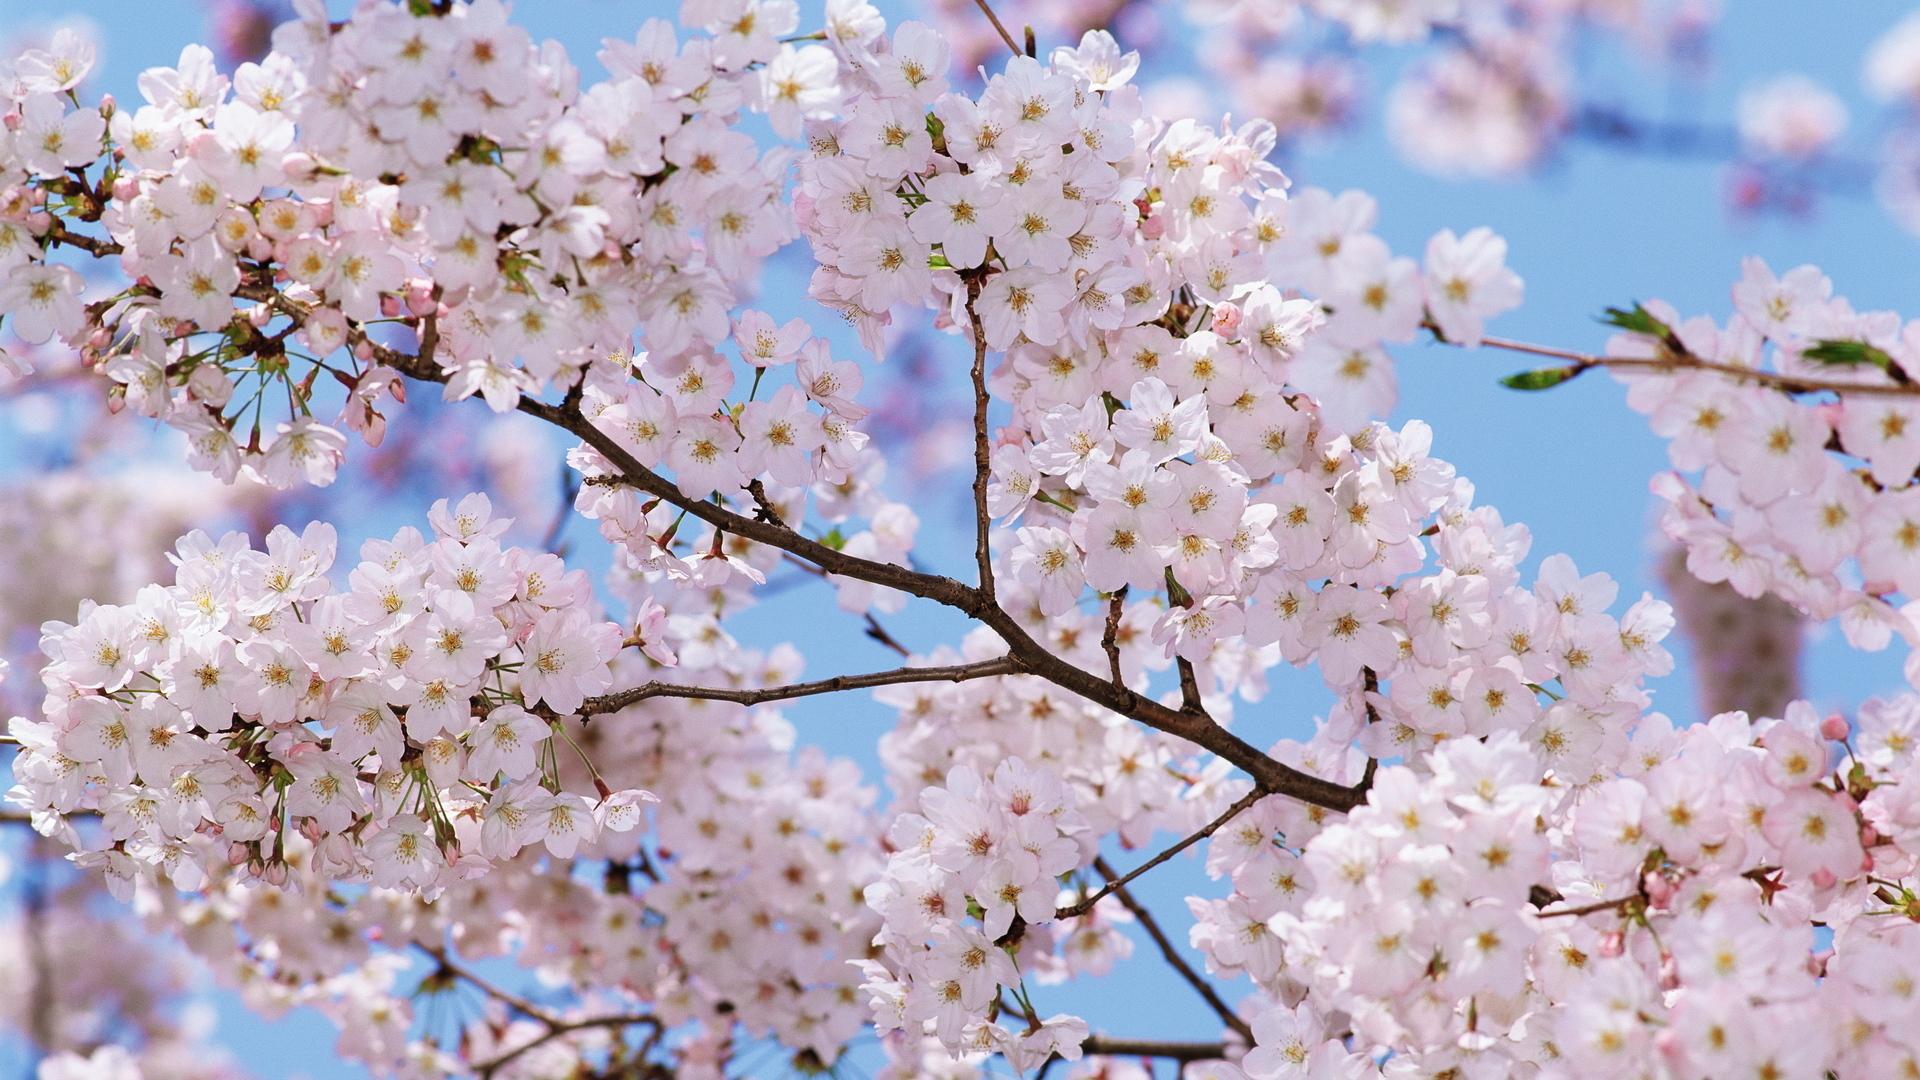 красивые картинки весна на рабочий стол широкоформатные выполнена